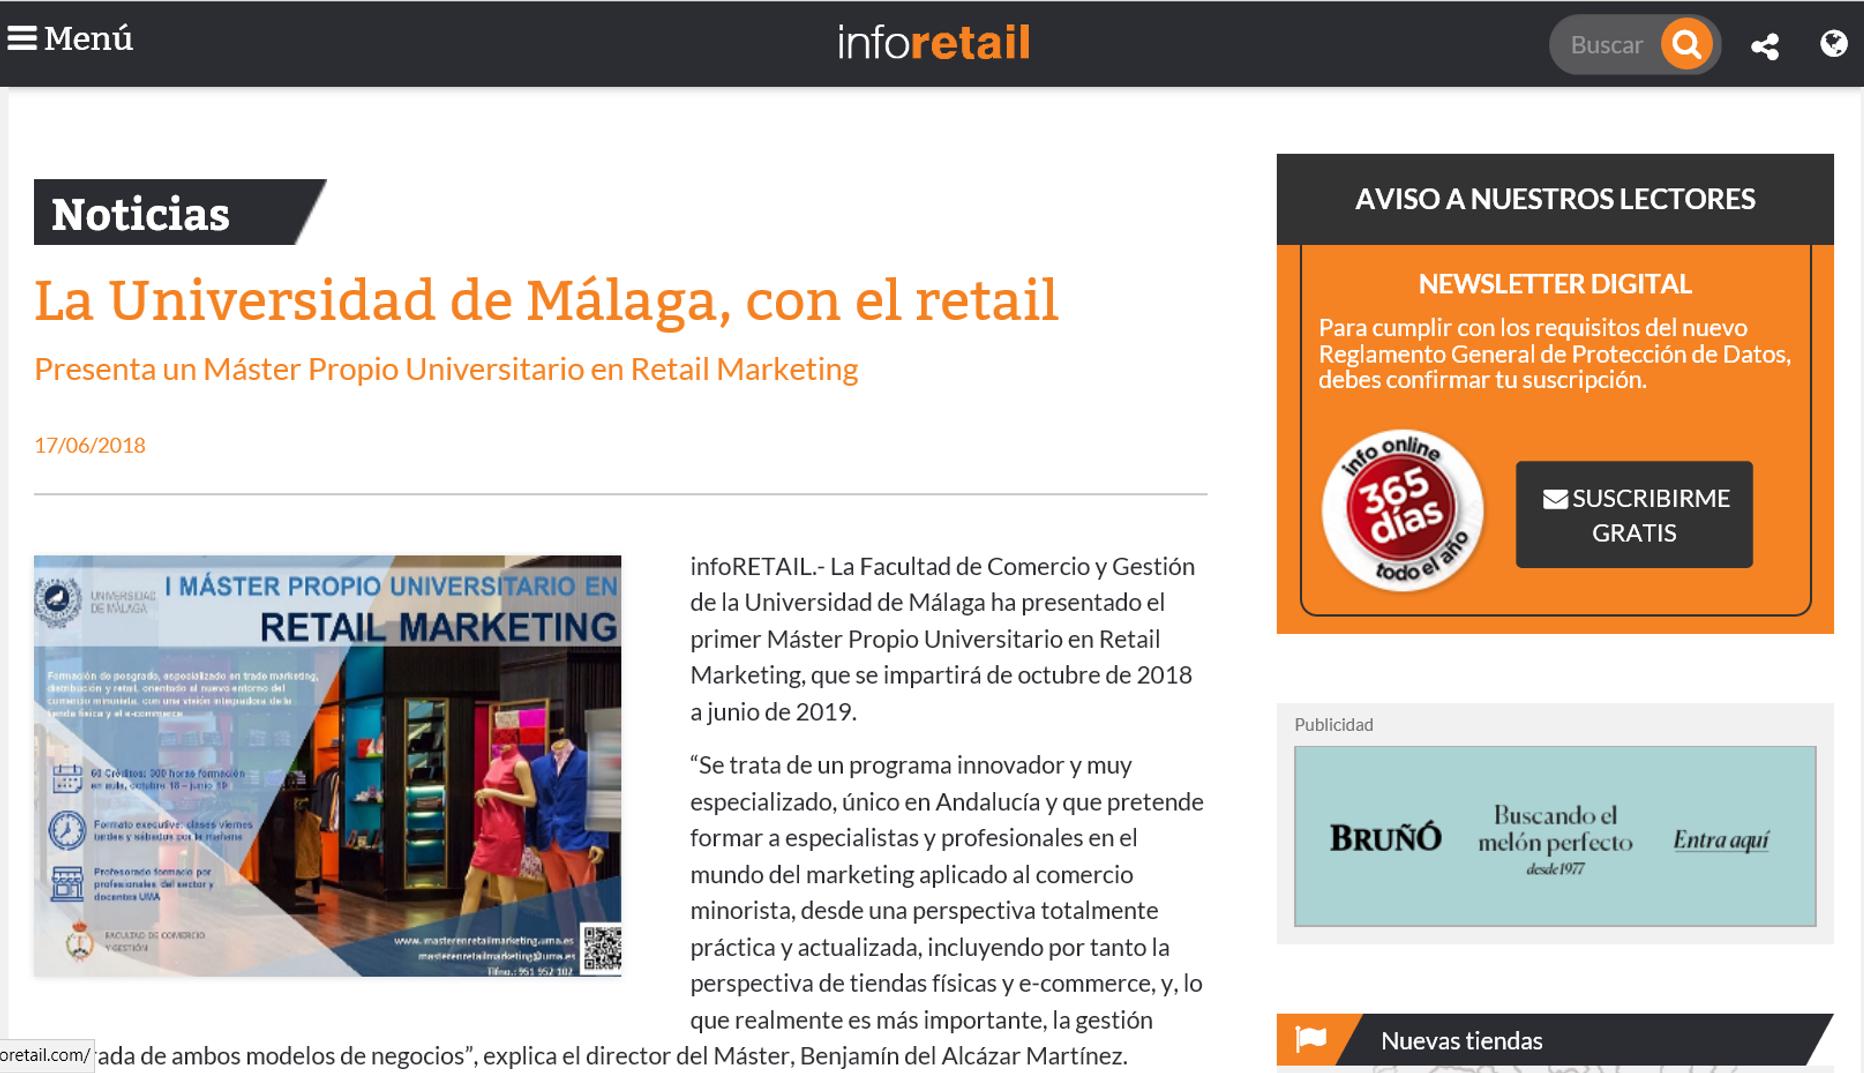 Inforetail, una de las revistas y portales más destacados y especializados en el sector del retail y el gran consumo se hace eco en su edición de hoy del lanzamiento de nuestro Máster en Retail Marketing.